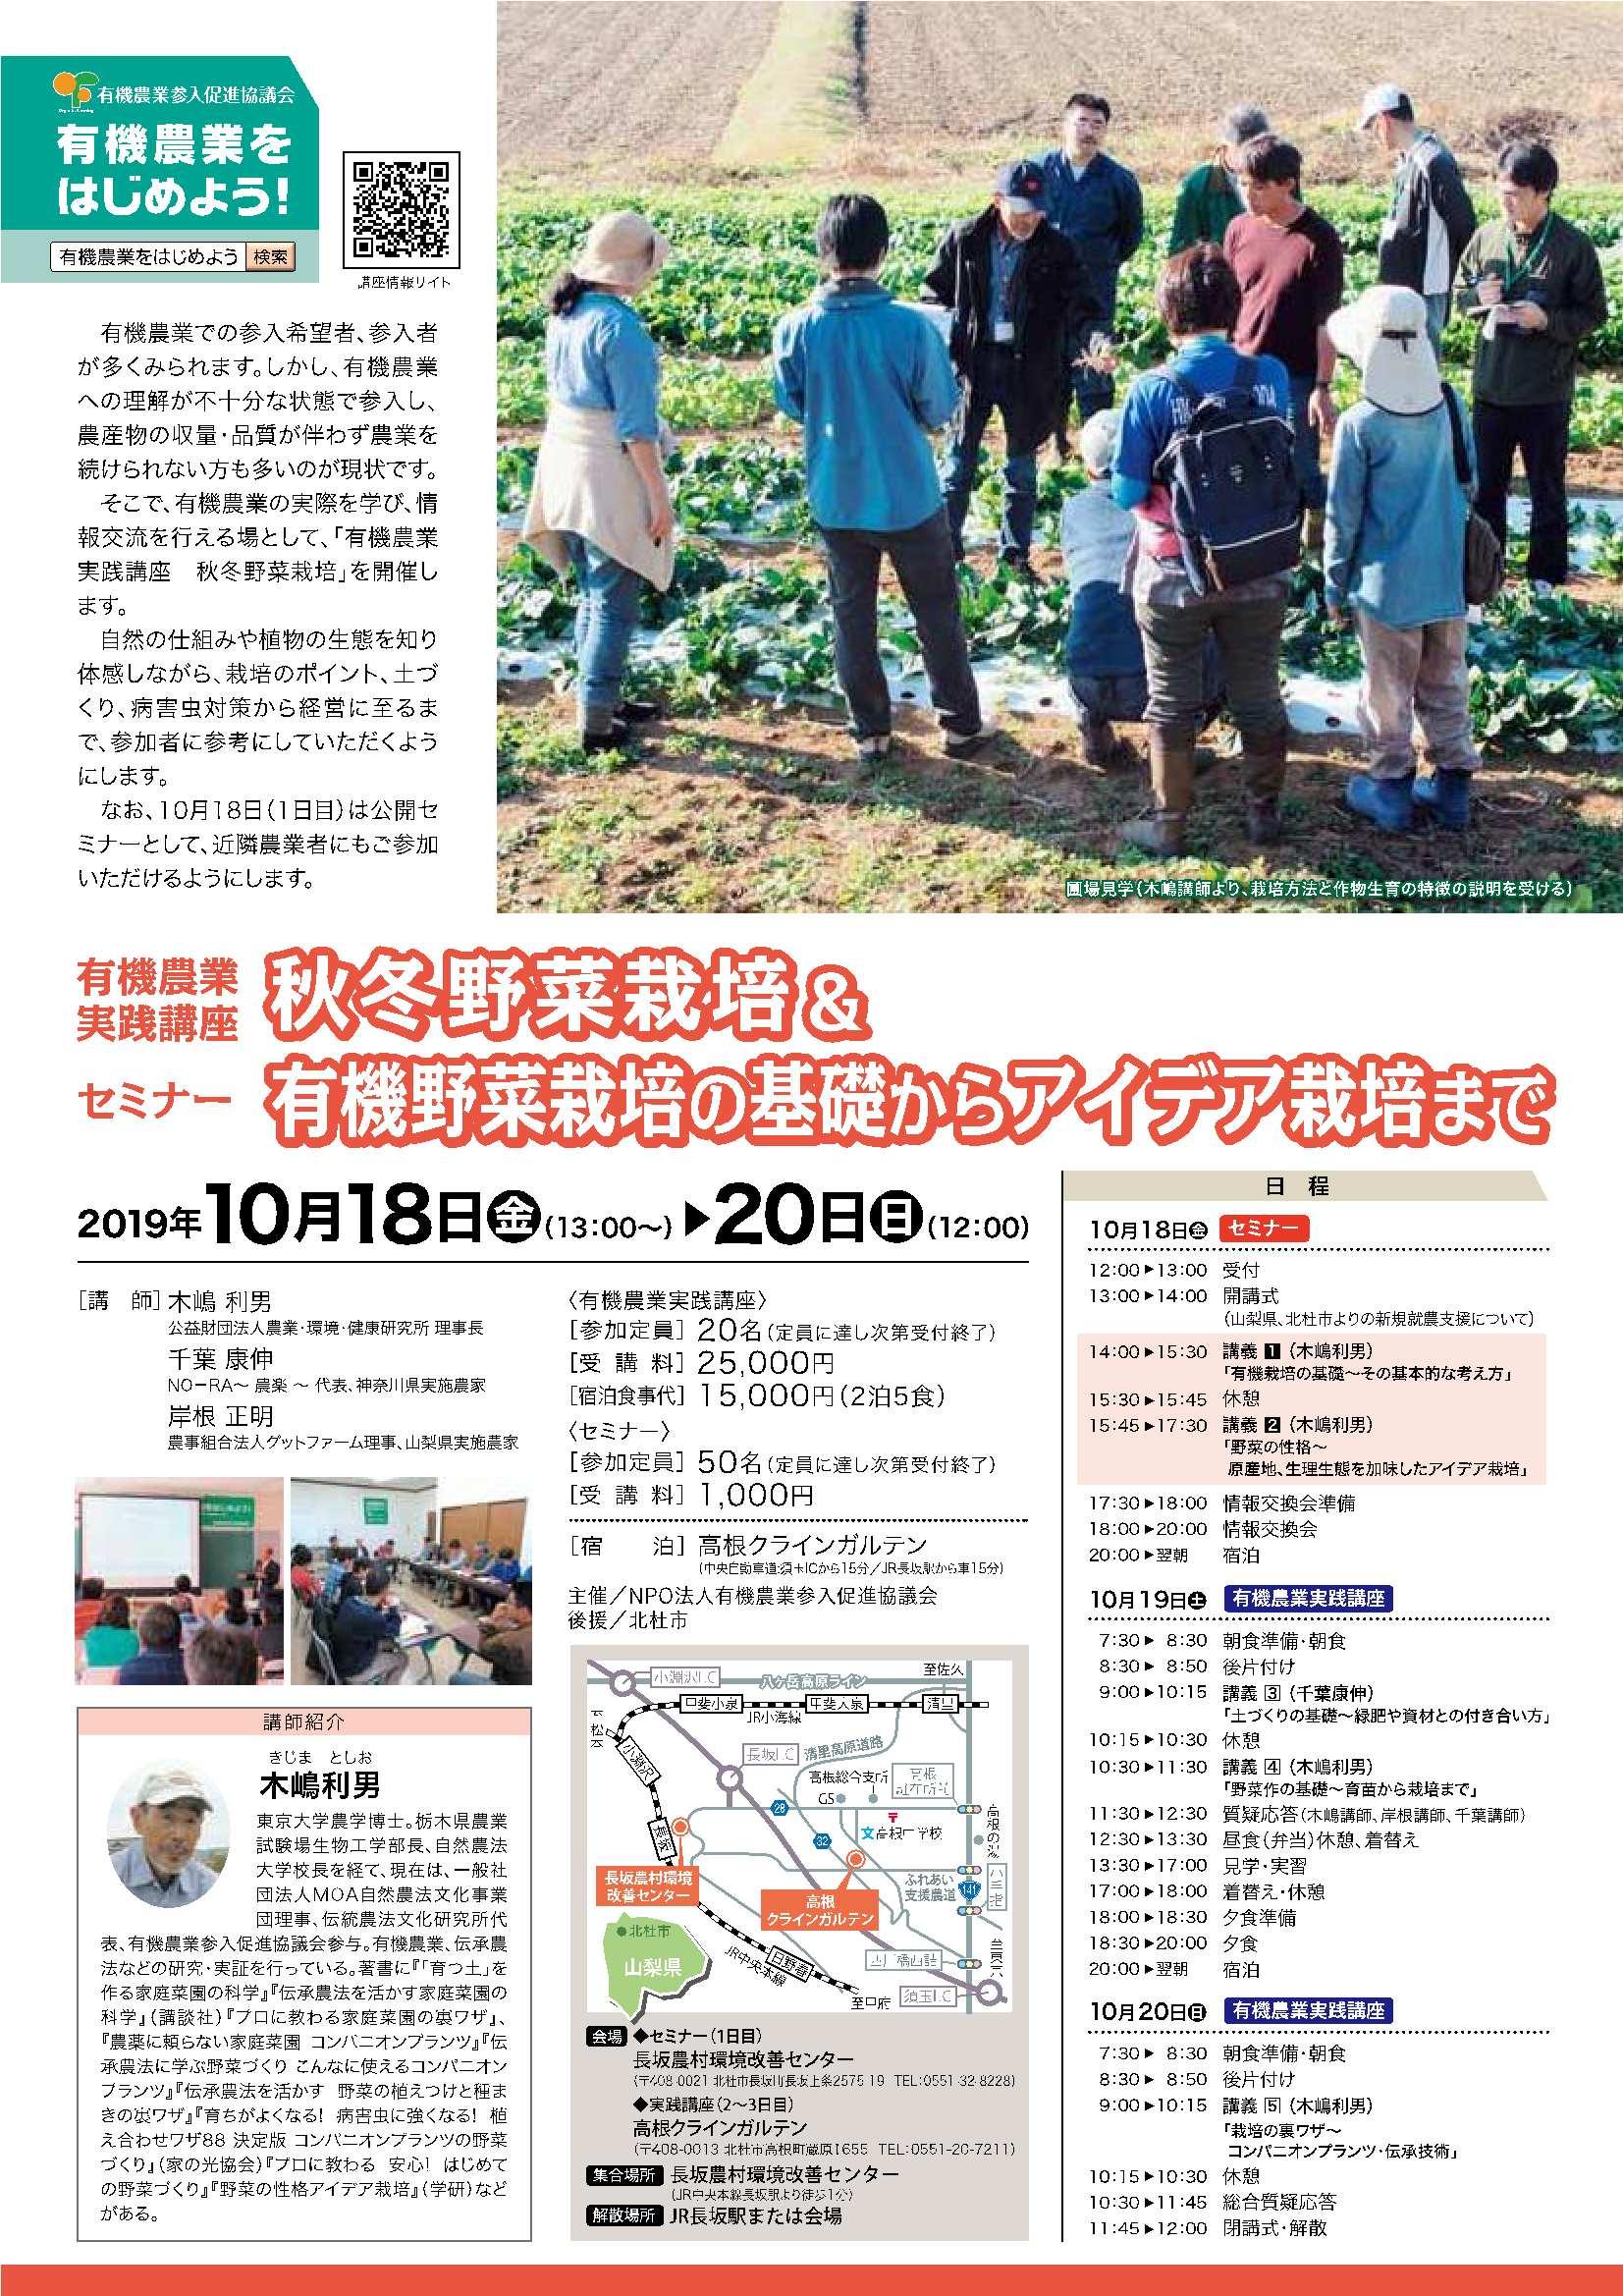 有機農業実践講座 秋冬野菜栽培&セミナー